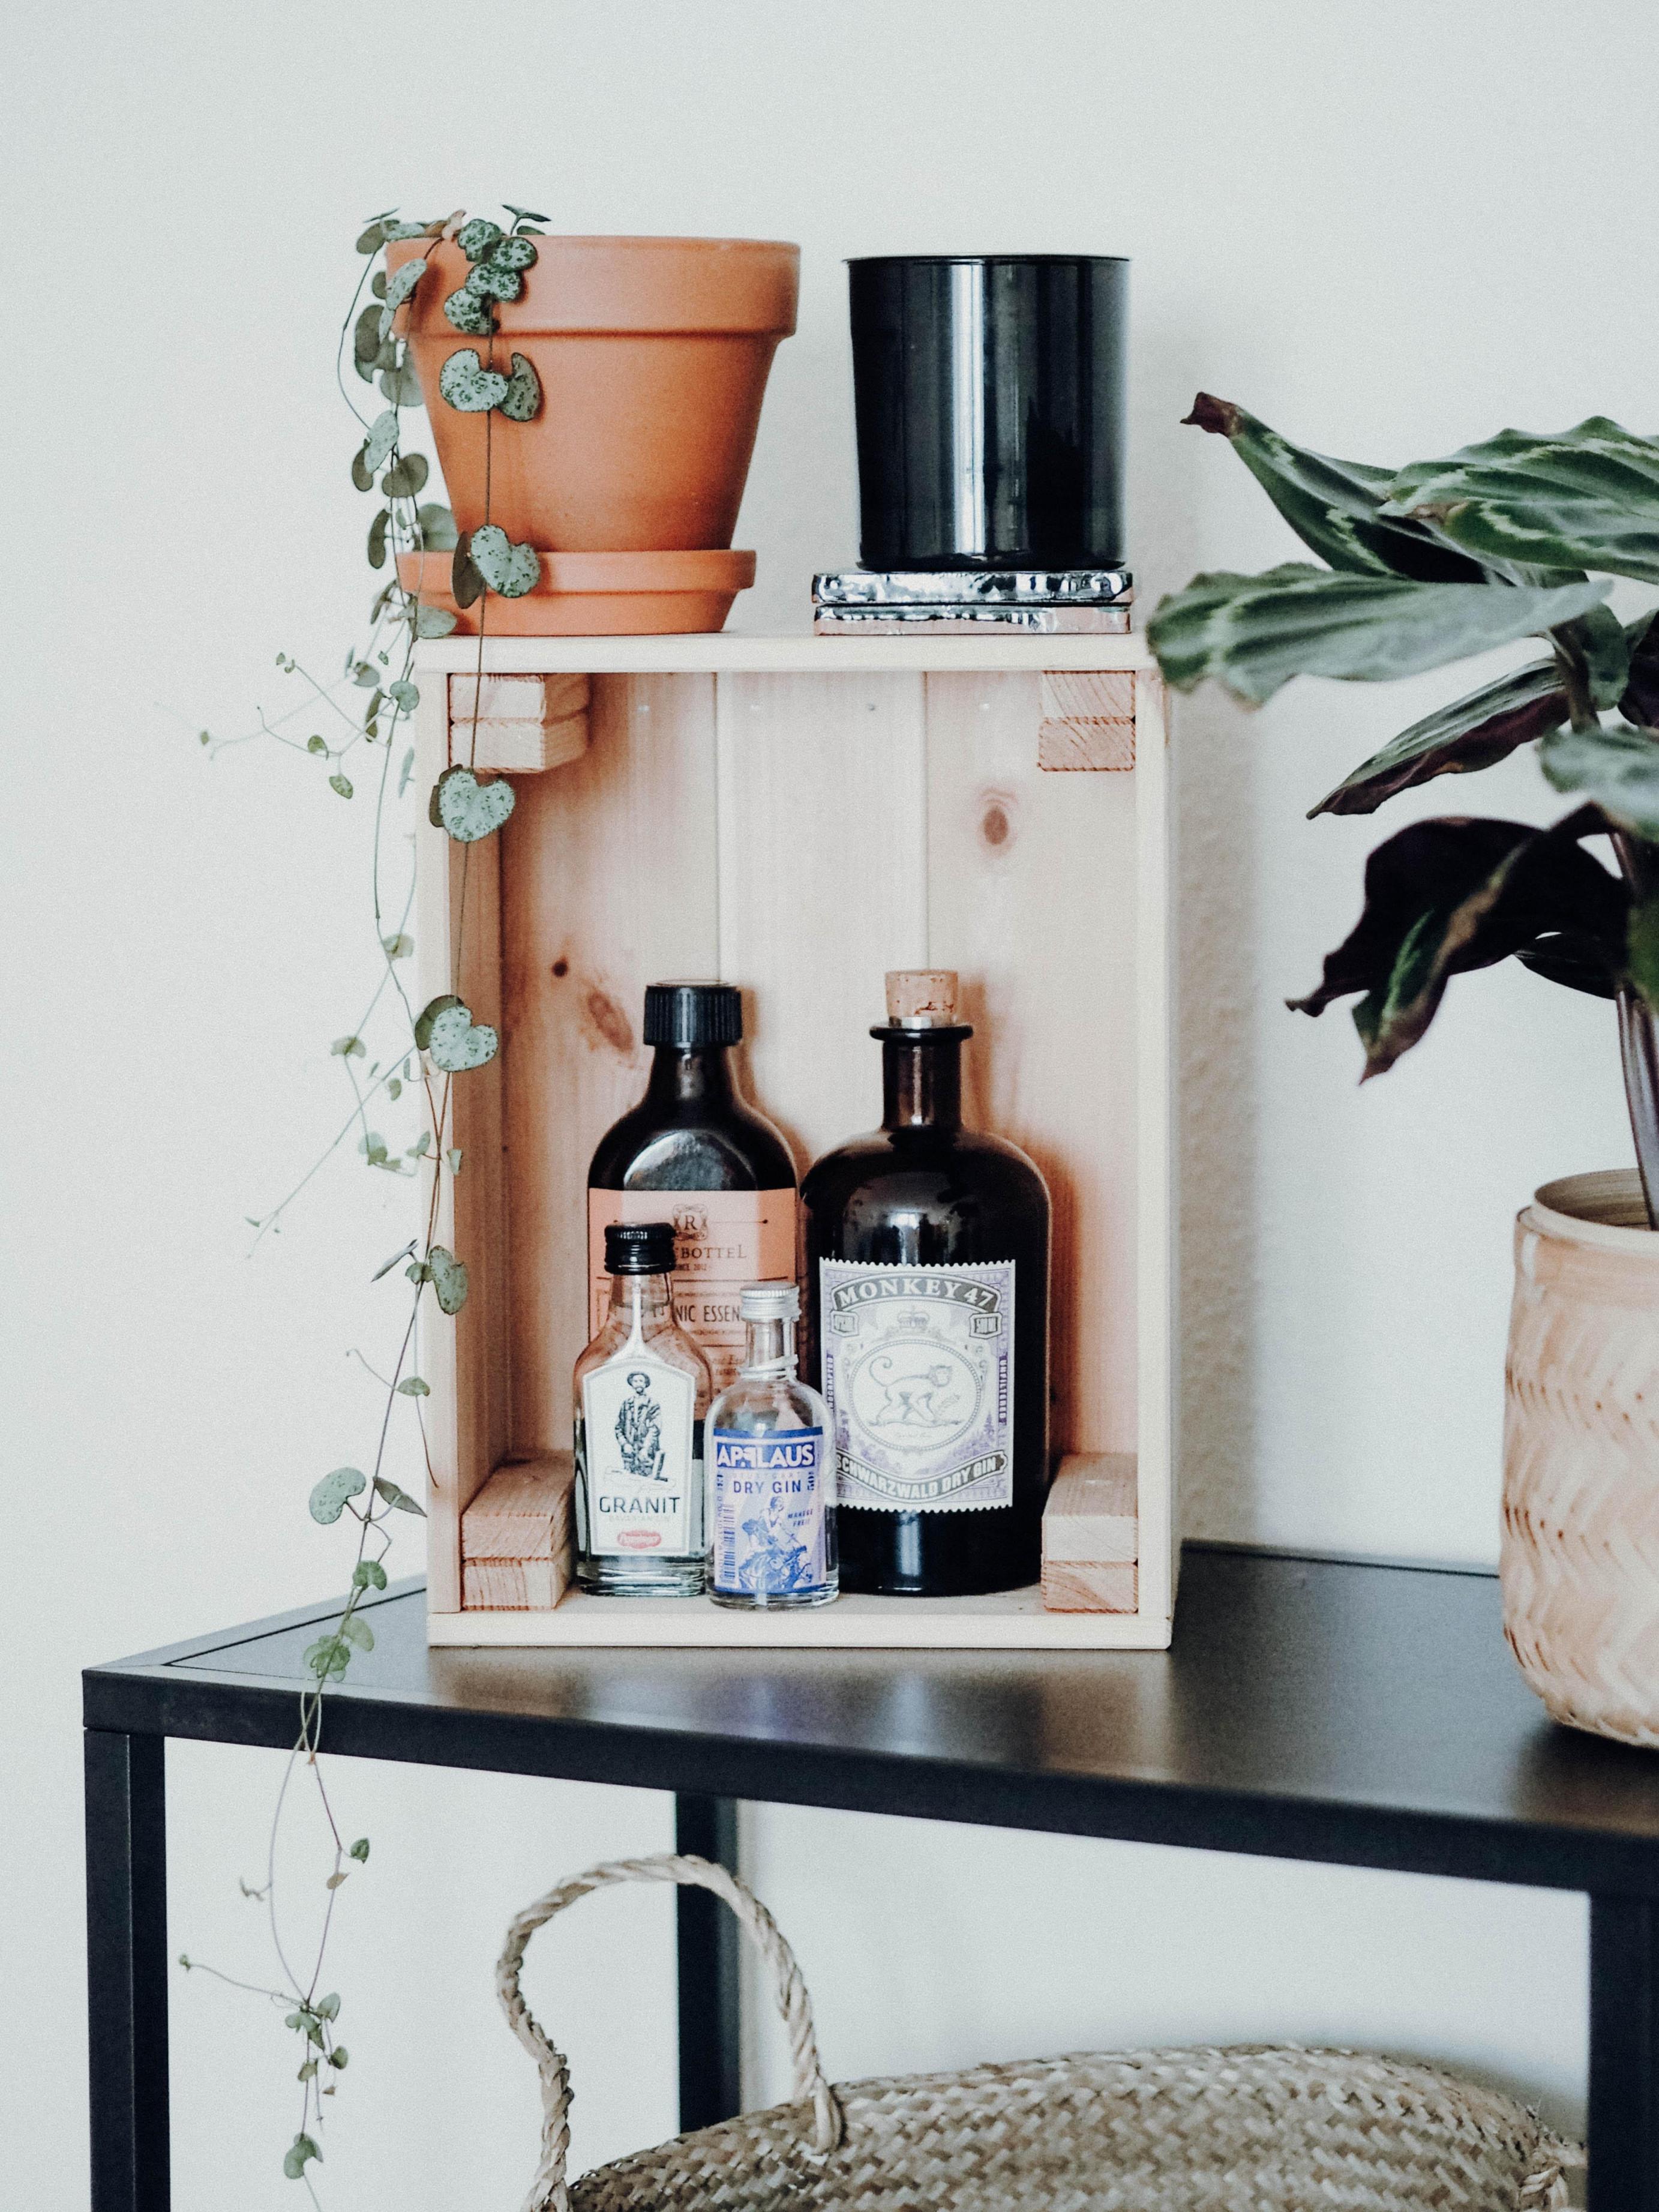 Wohnzimmerdekoideen Mach Es Dir Gemütlich von Suche Deko Für Wohnzimmer Photo